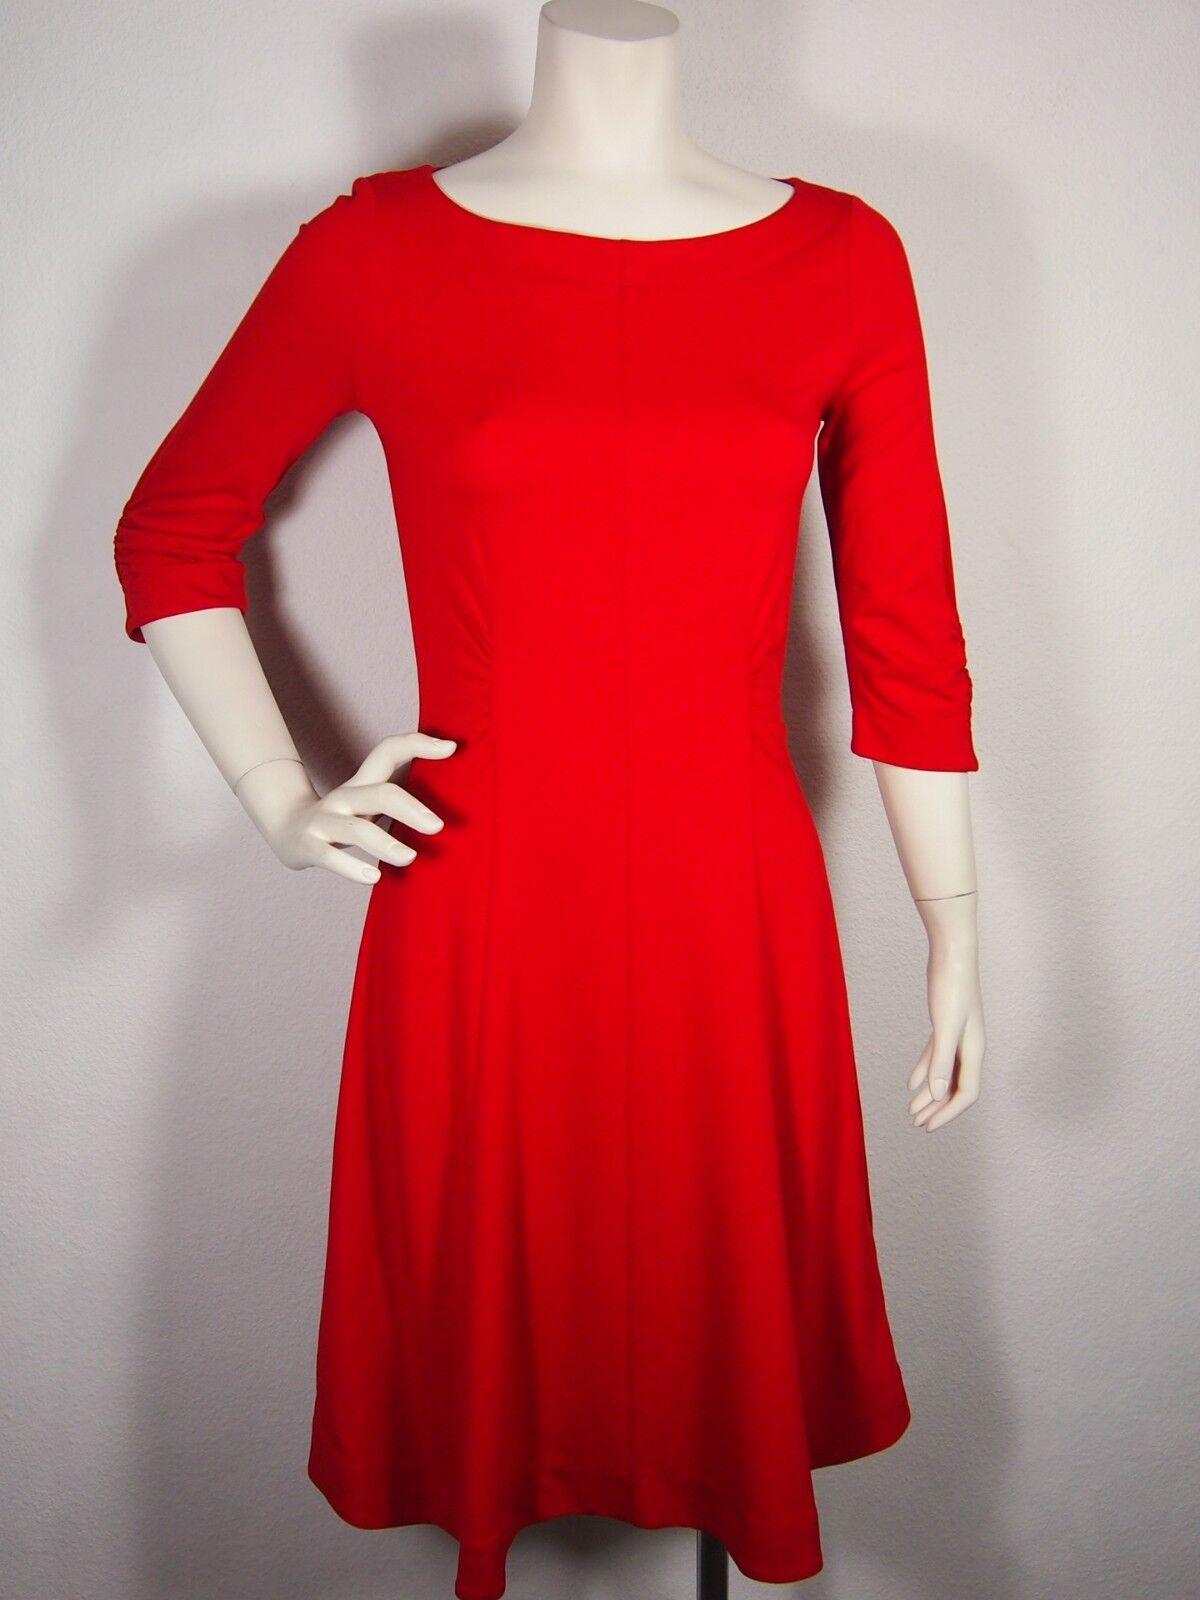 WEEKEND By MAXMARA Red Jean Jersey Dress Sz S Reg 295.00